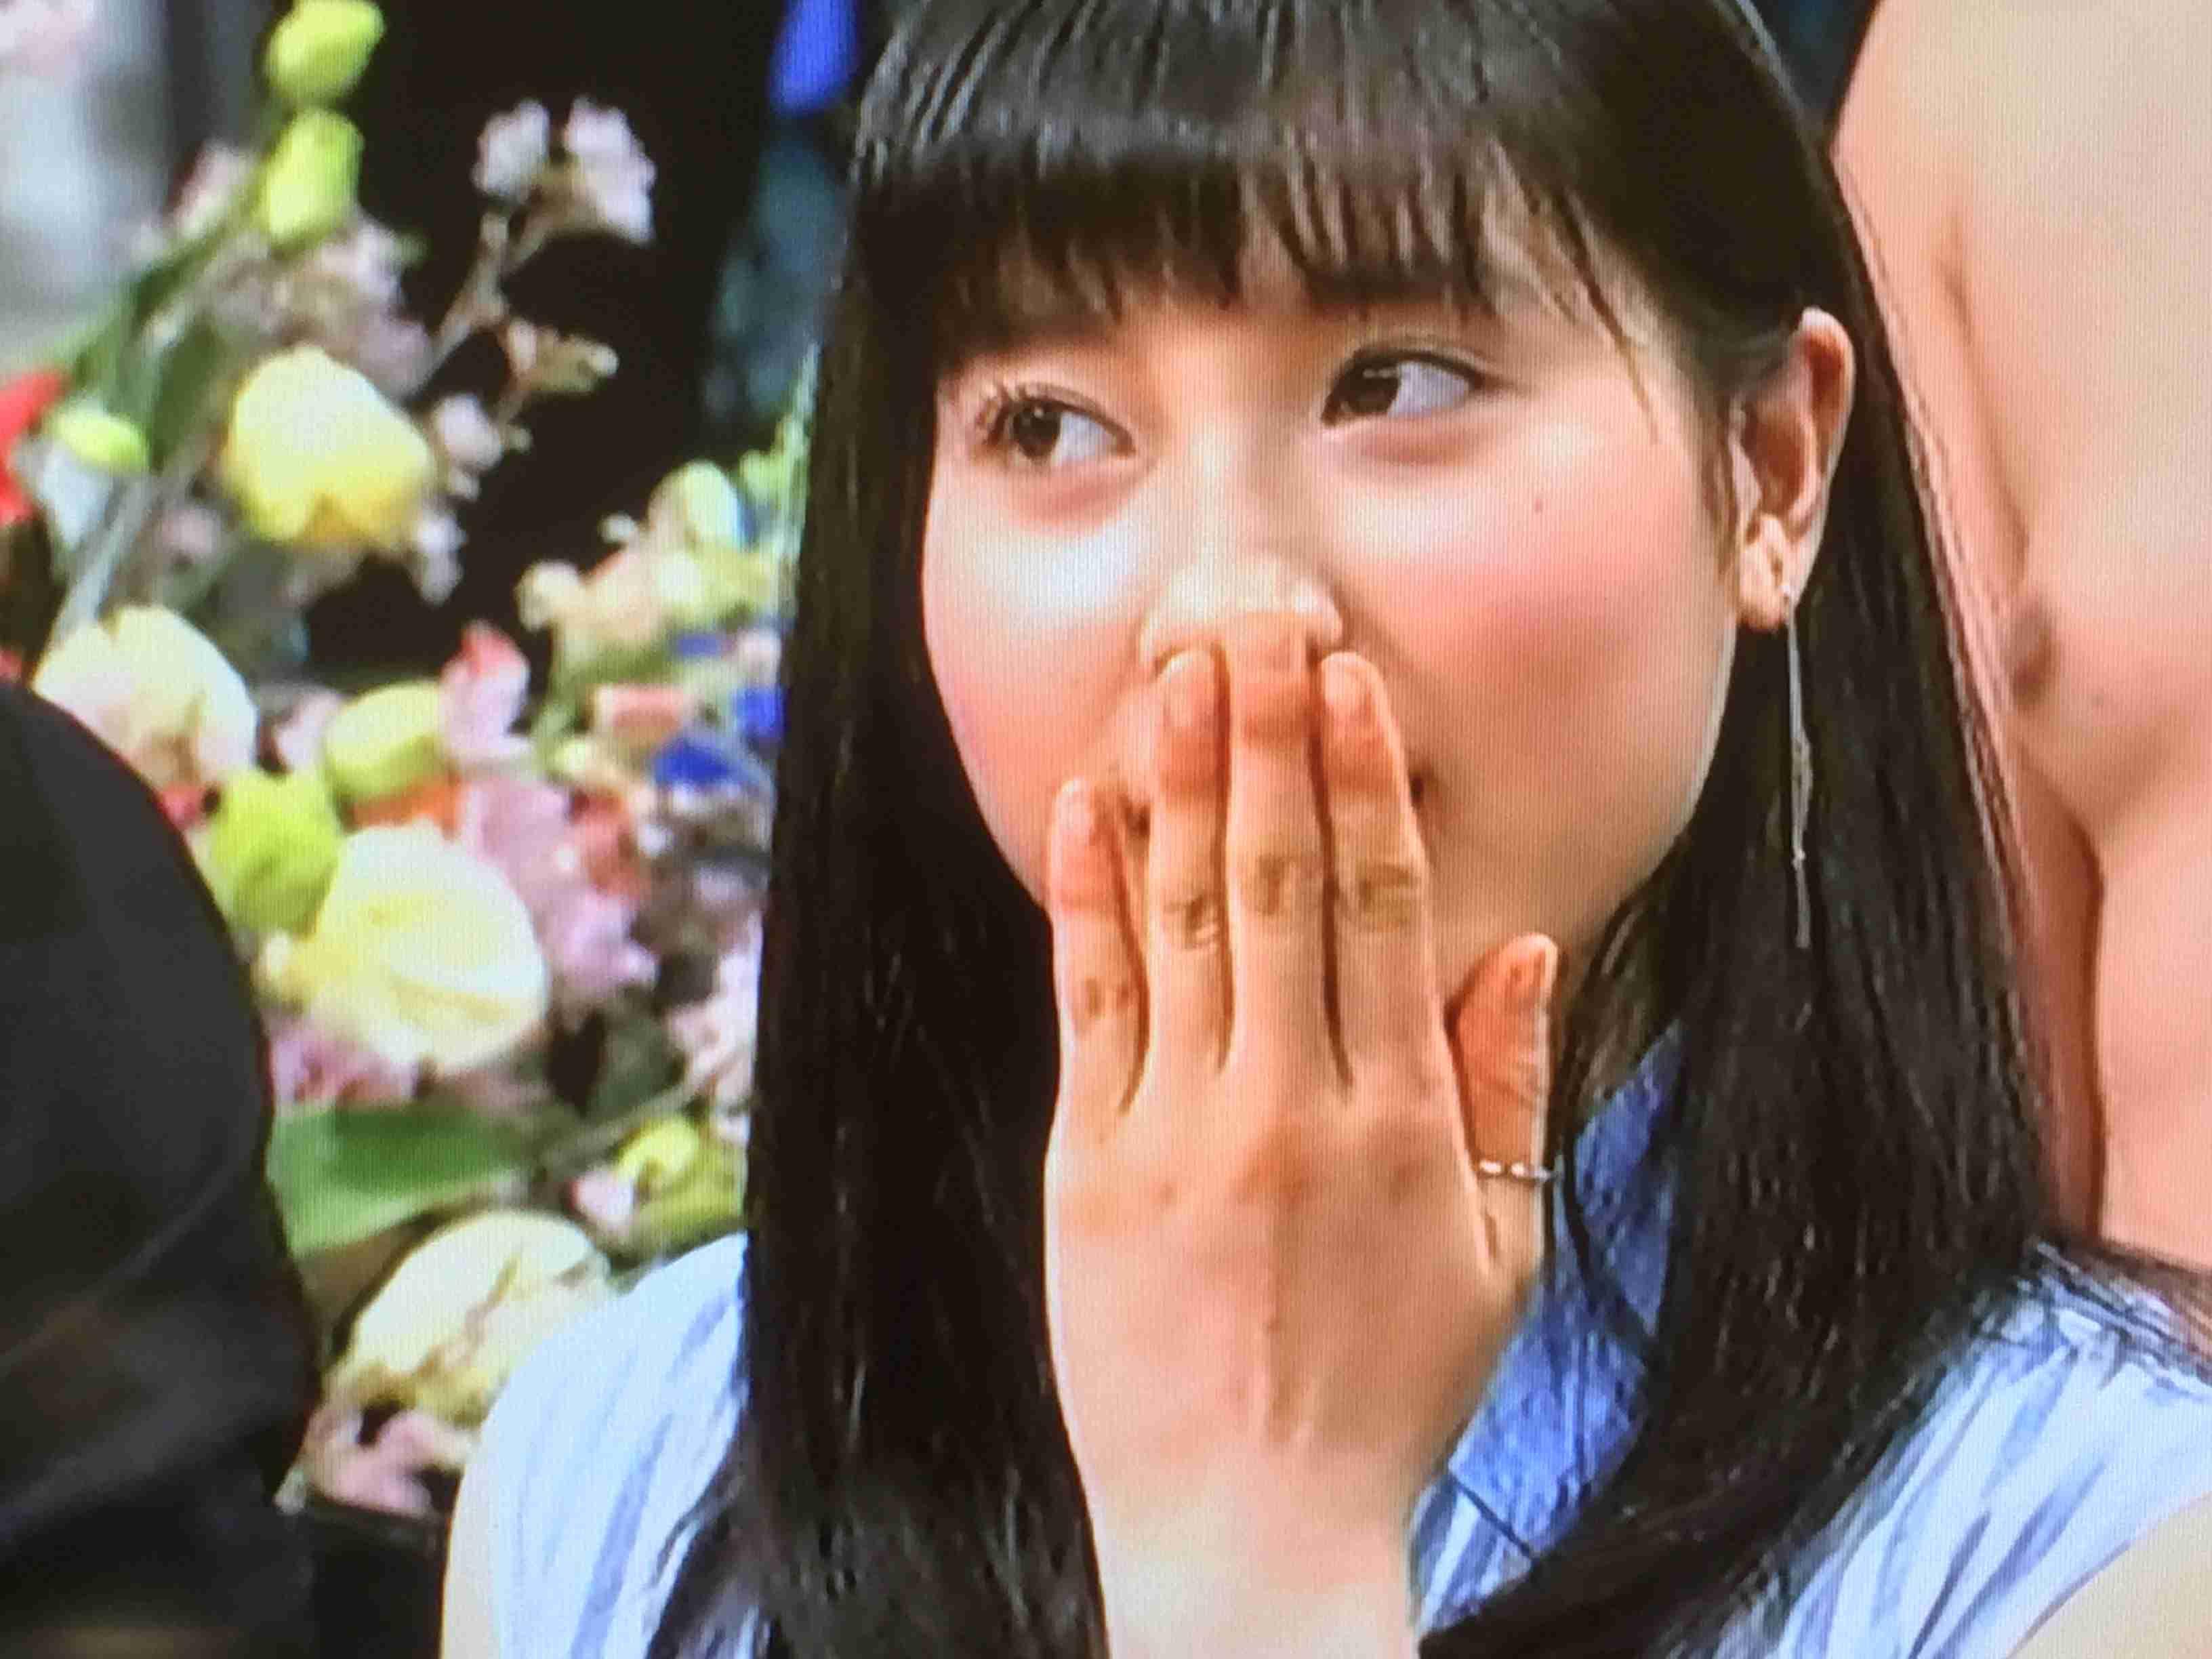 山崎賢人と美女の2ショットに「誰?」「付き合ってるの?」 「バッチリ撮られた」と意味深な一言も